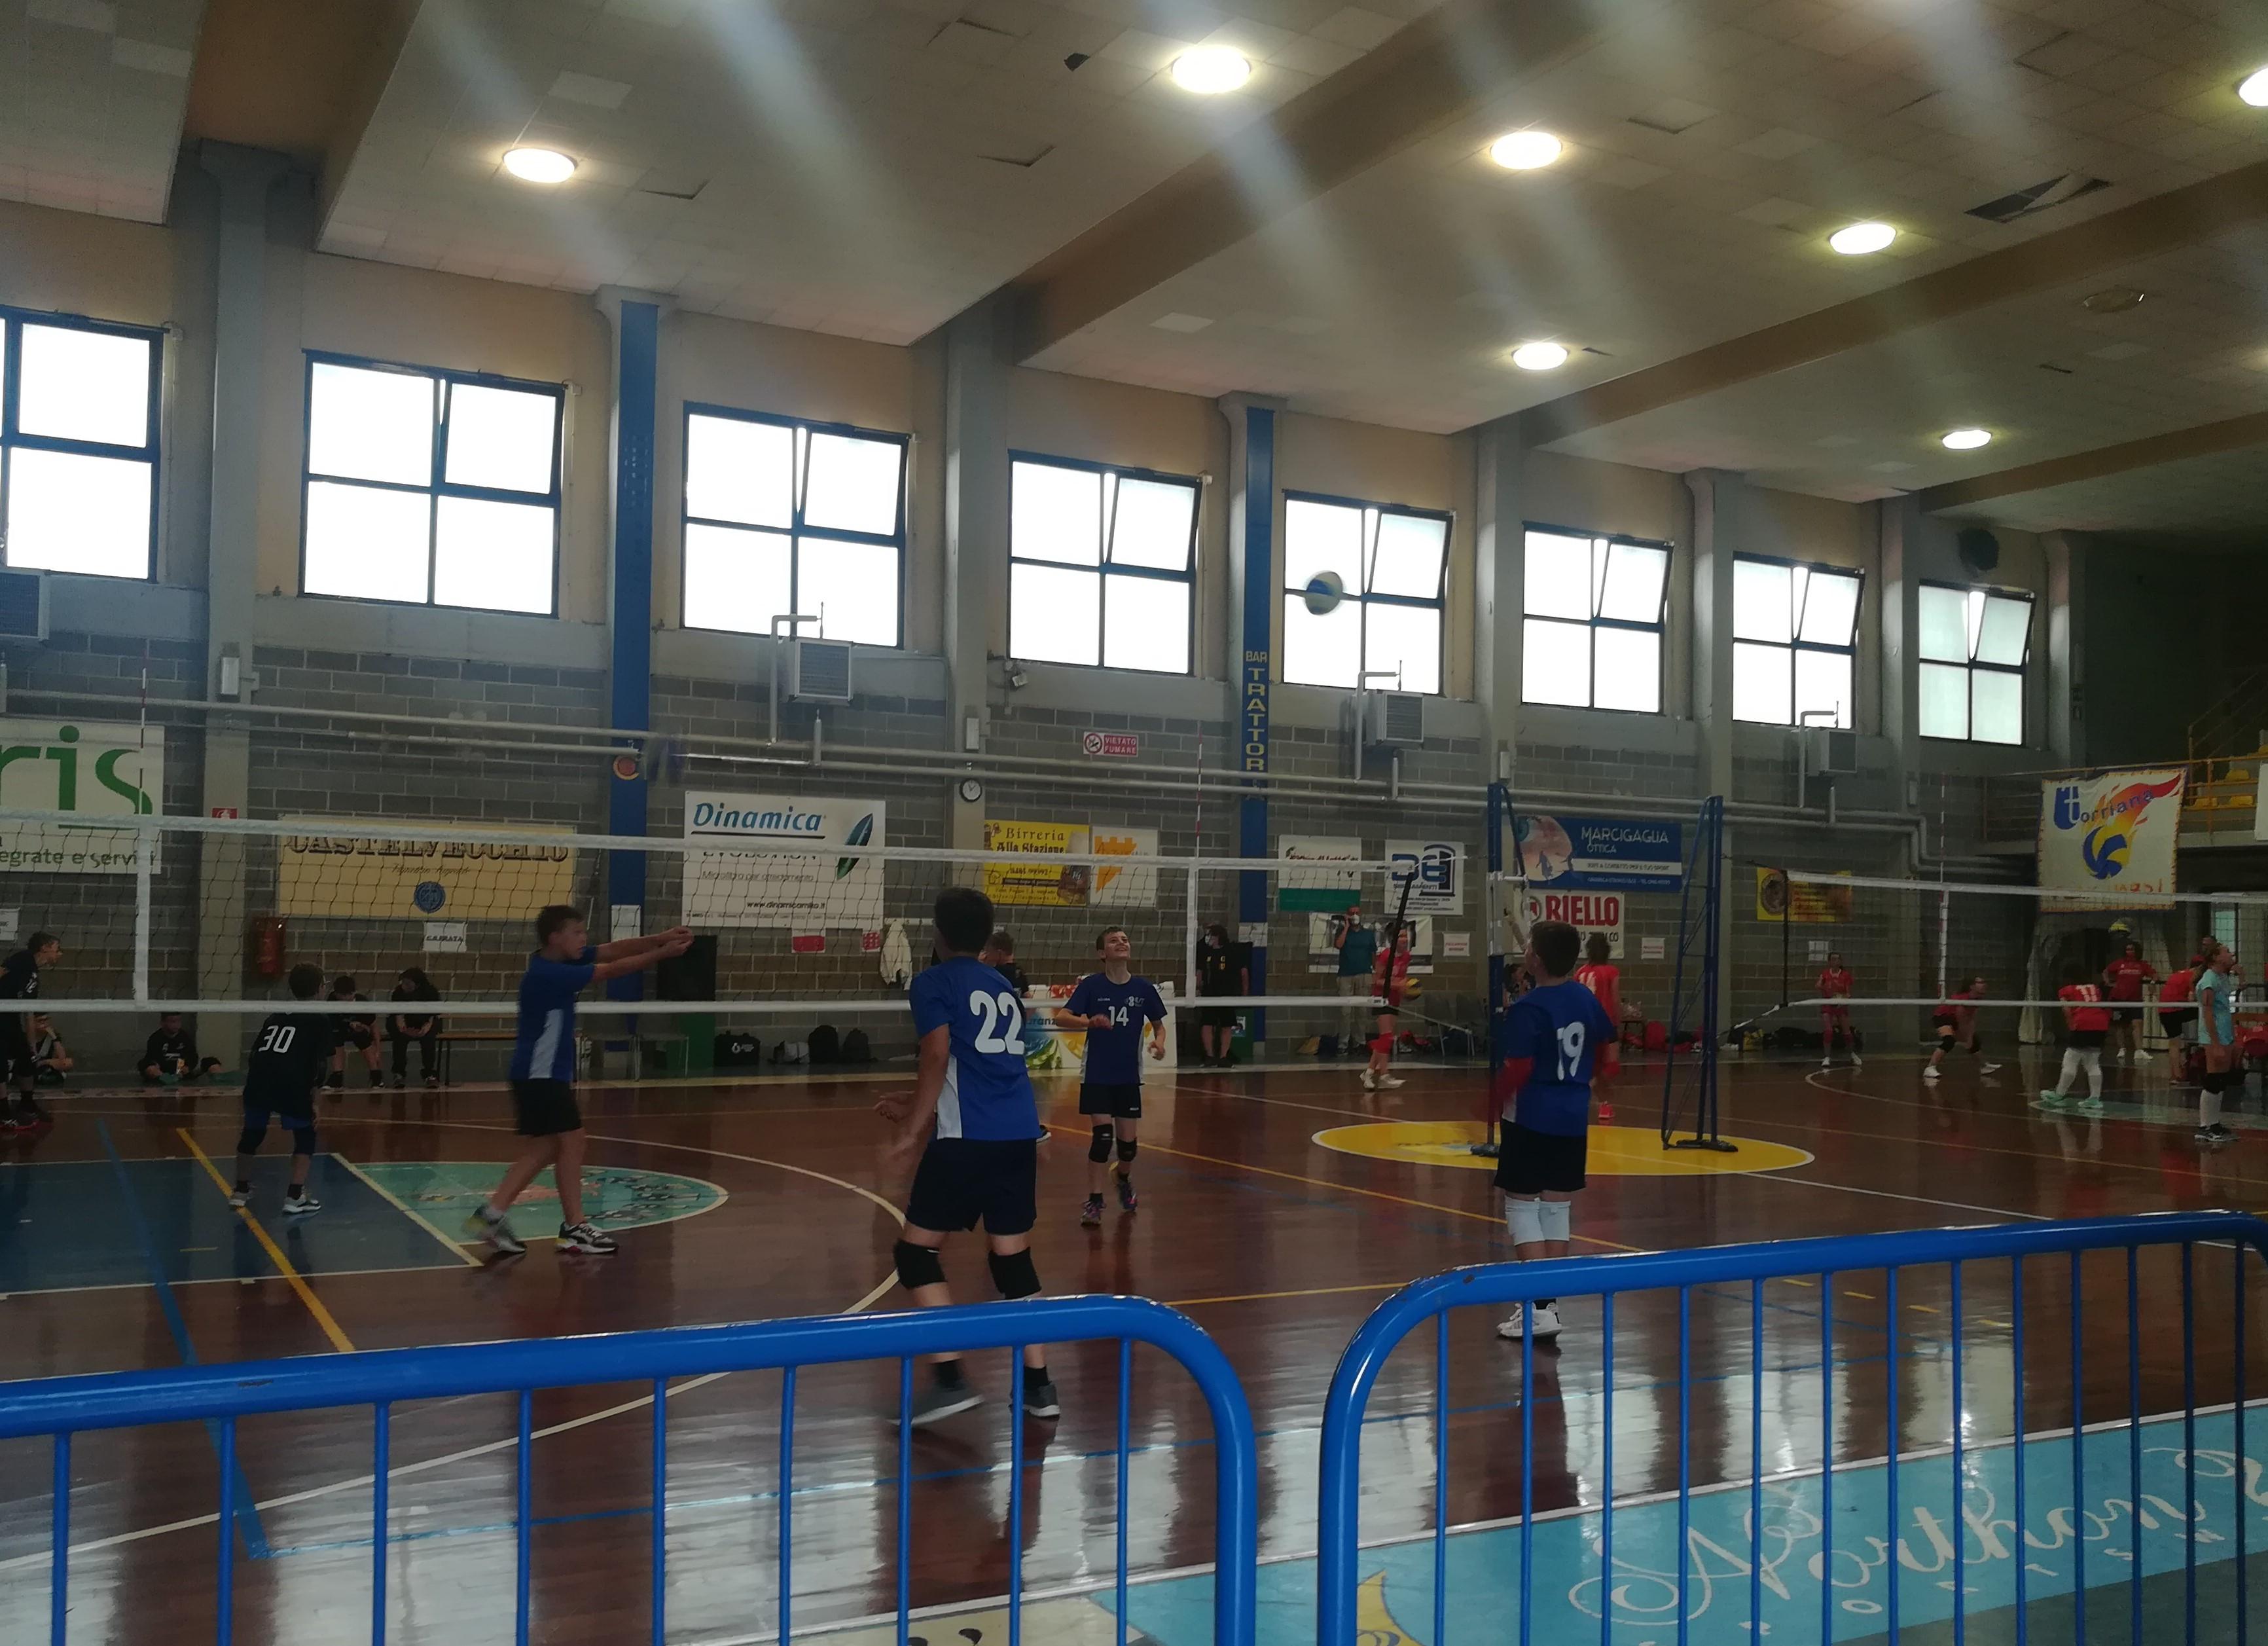 Immagine per Le stelline del volley si sfidano a Gradisca d'Isonzo, sognando il podio nazionale